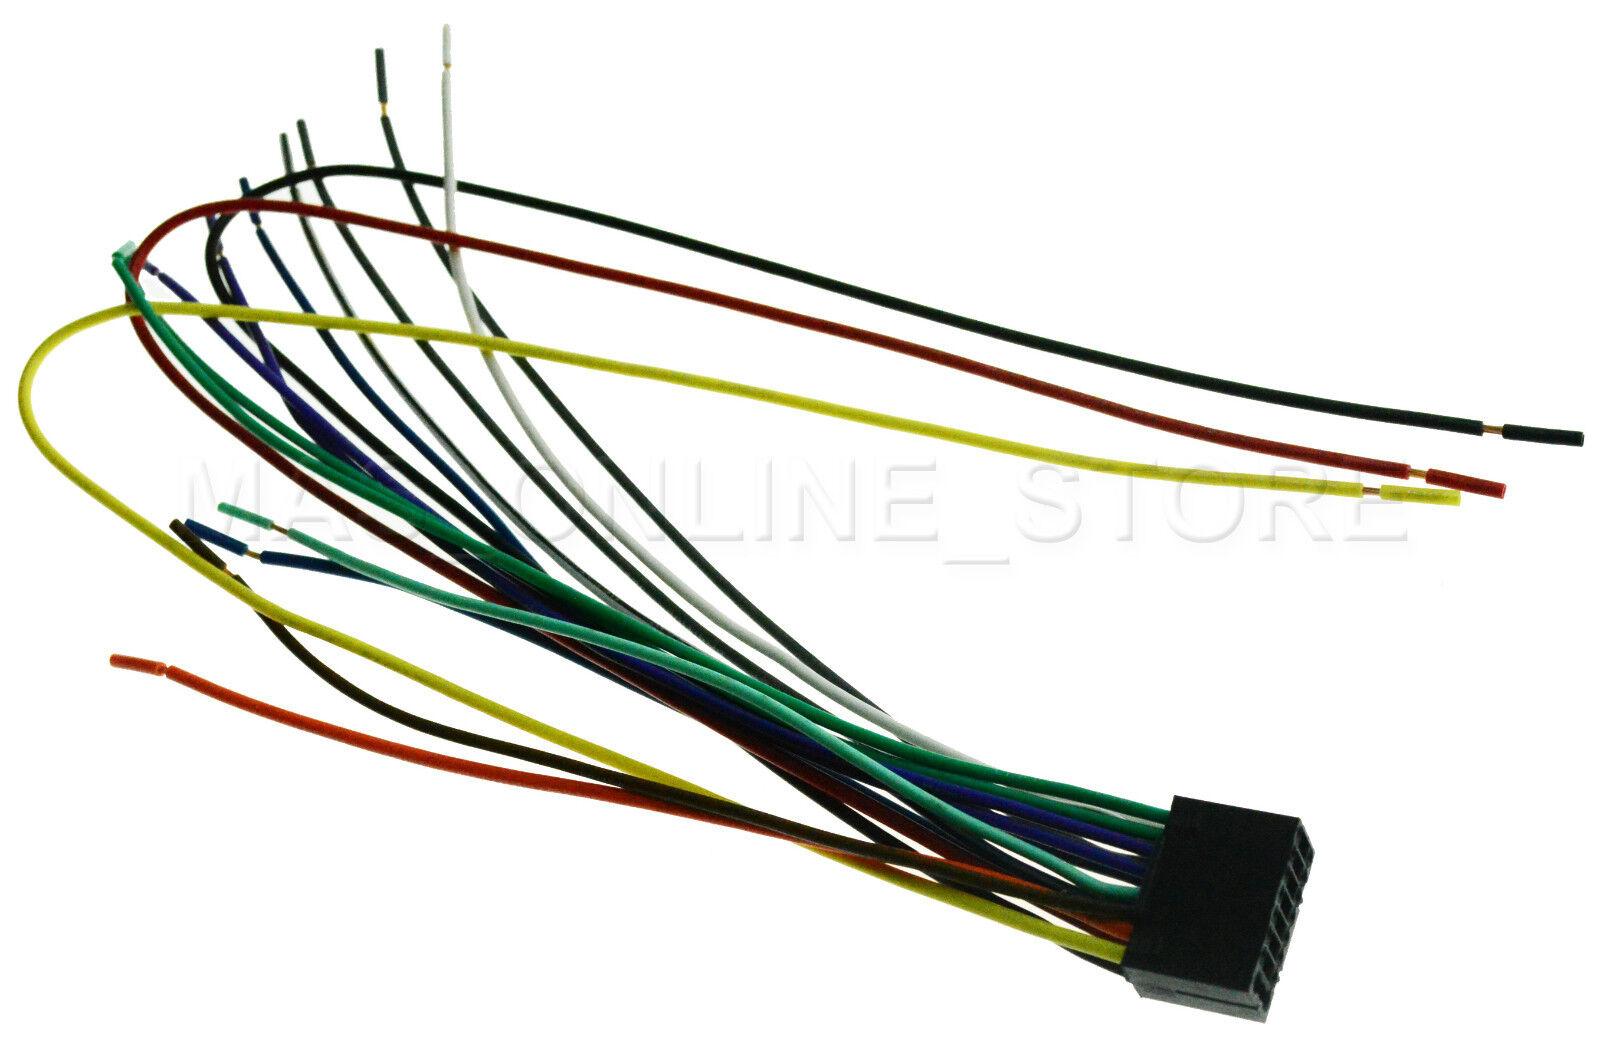 wrg 7265 kenwood kdc 610u wiring harness. Black Bedroom Furniture Sets. Home Design Ideas